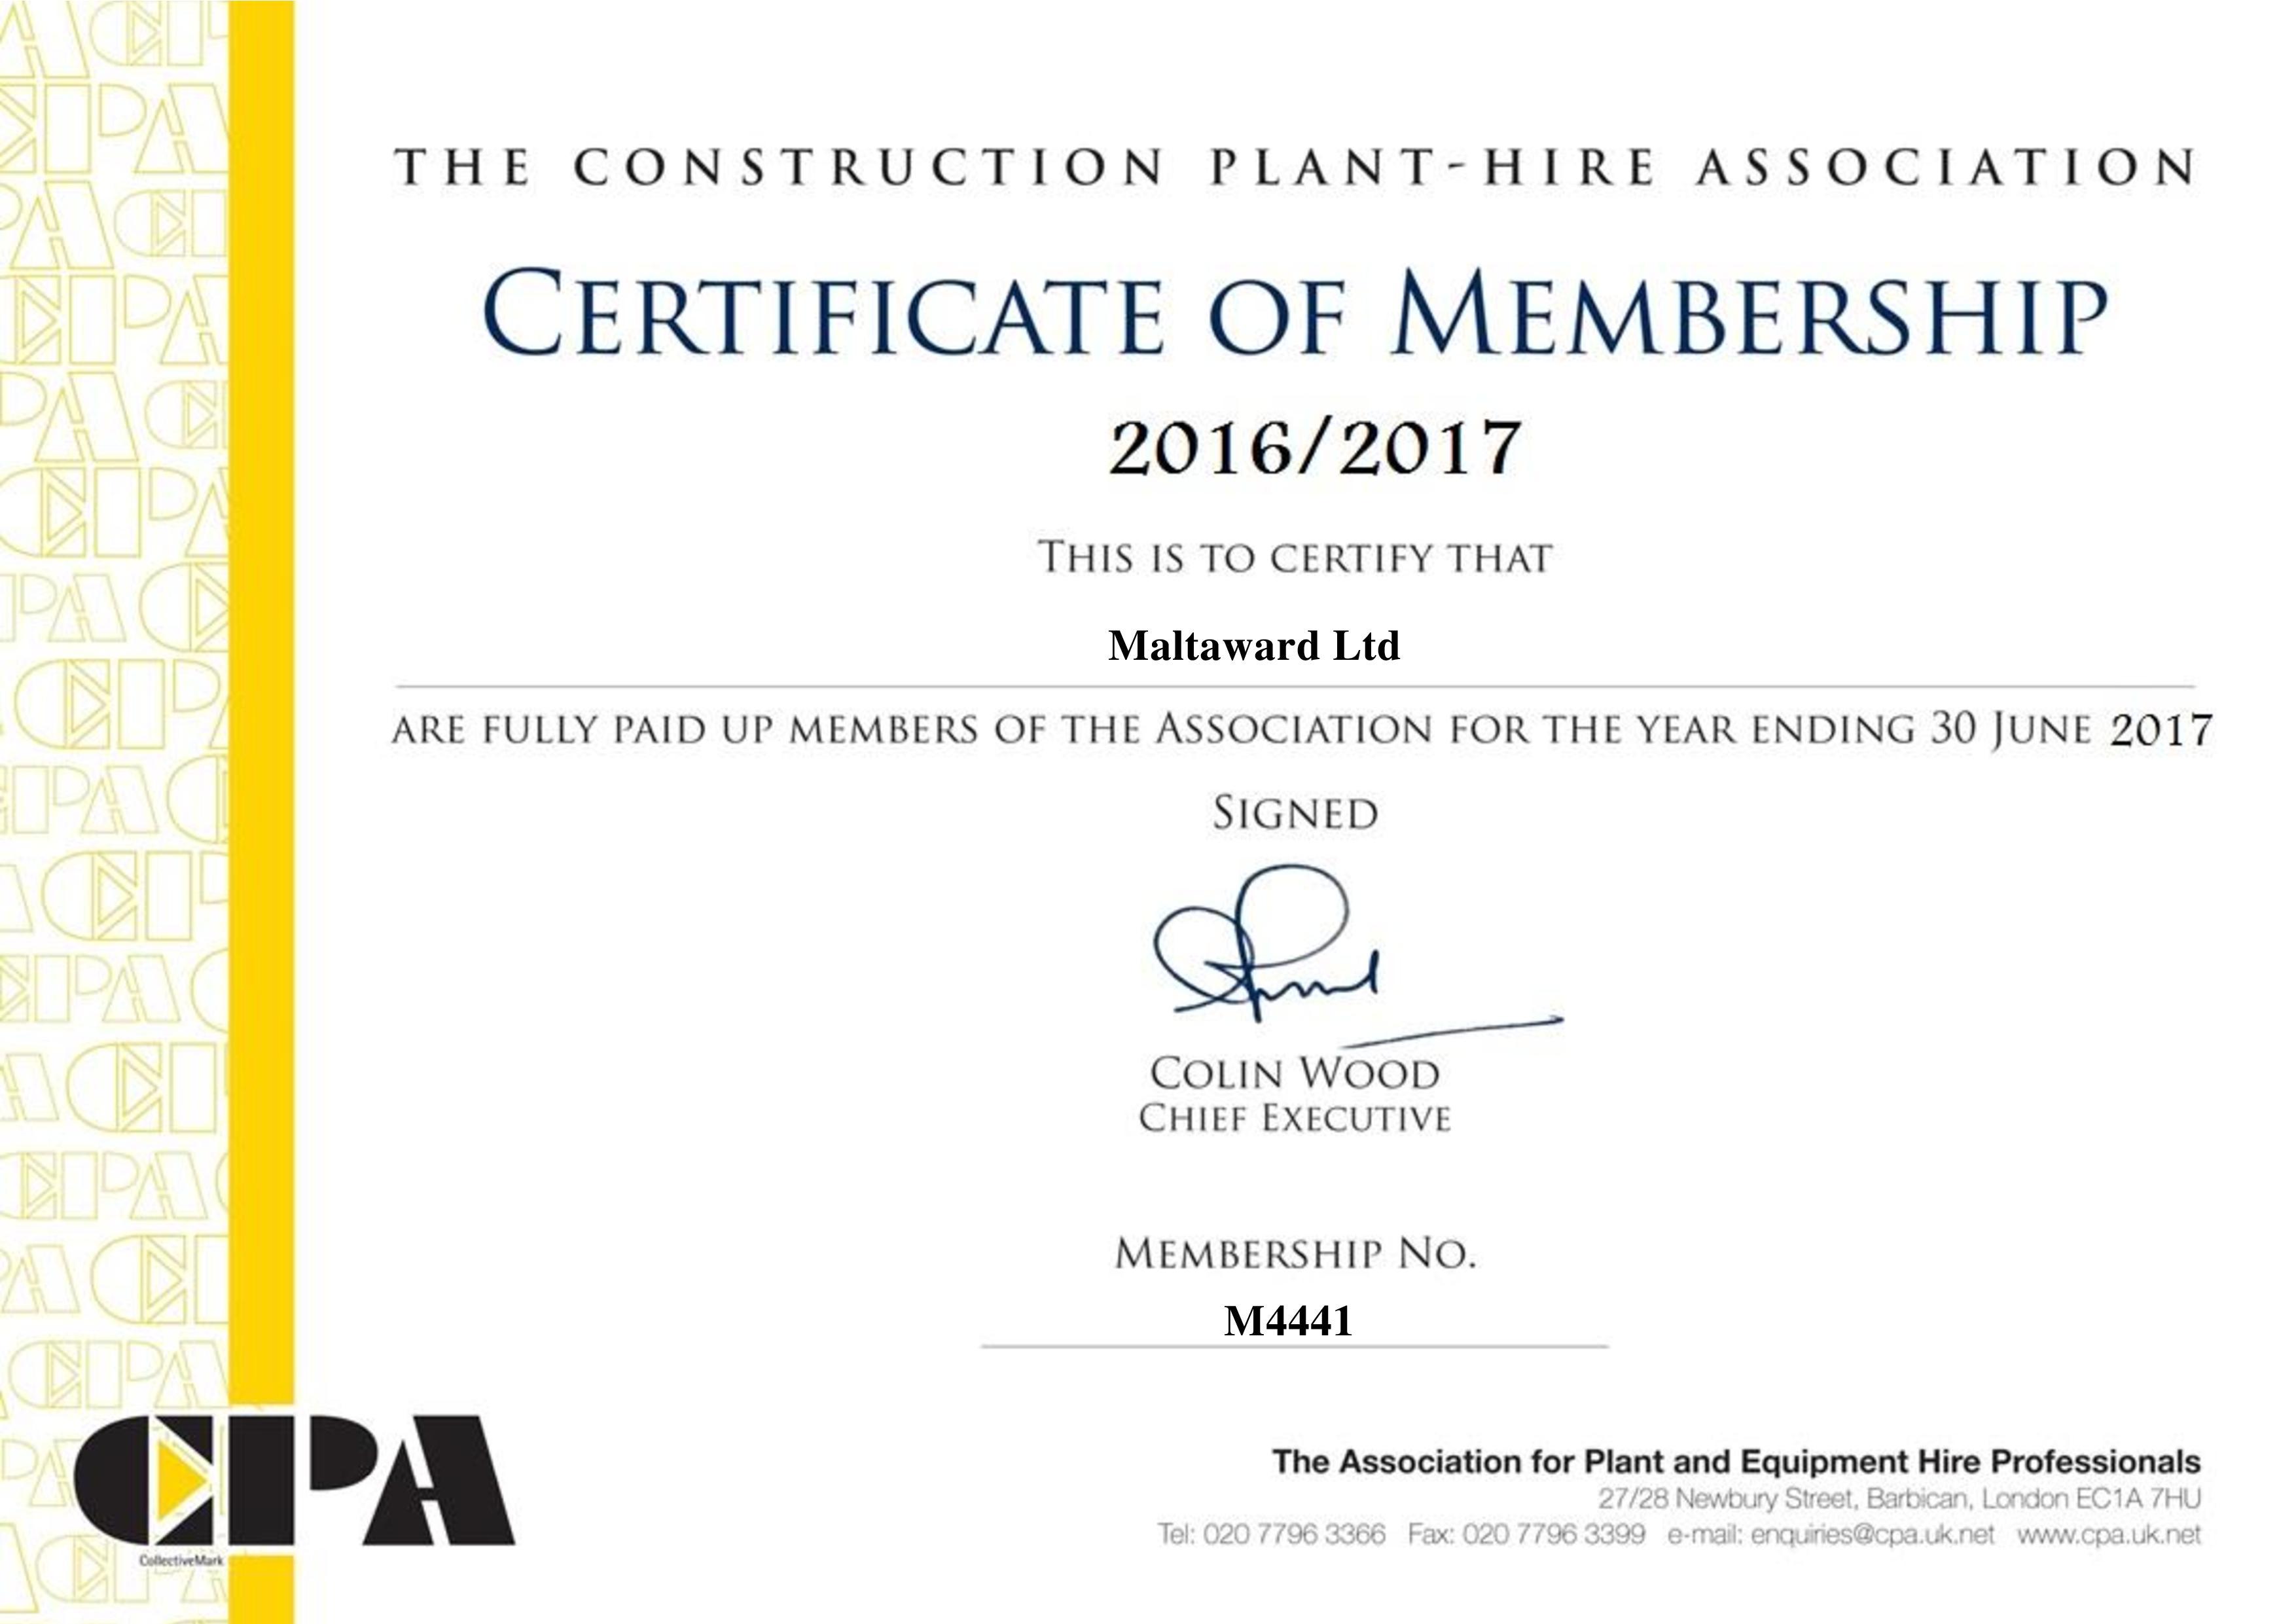 CPA Certificate of Membership